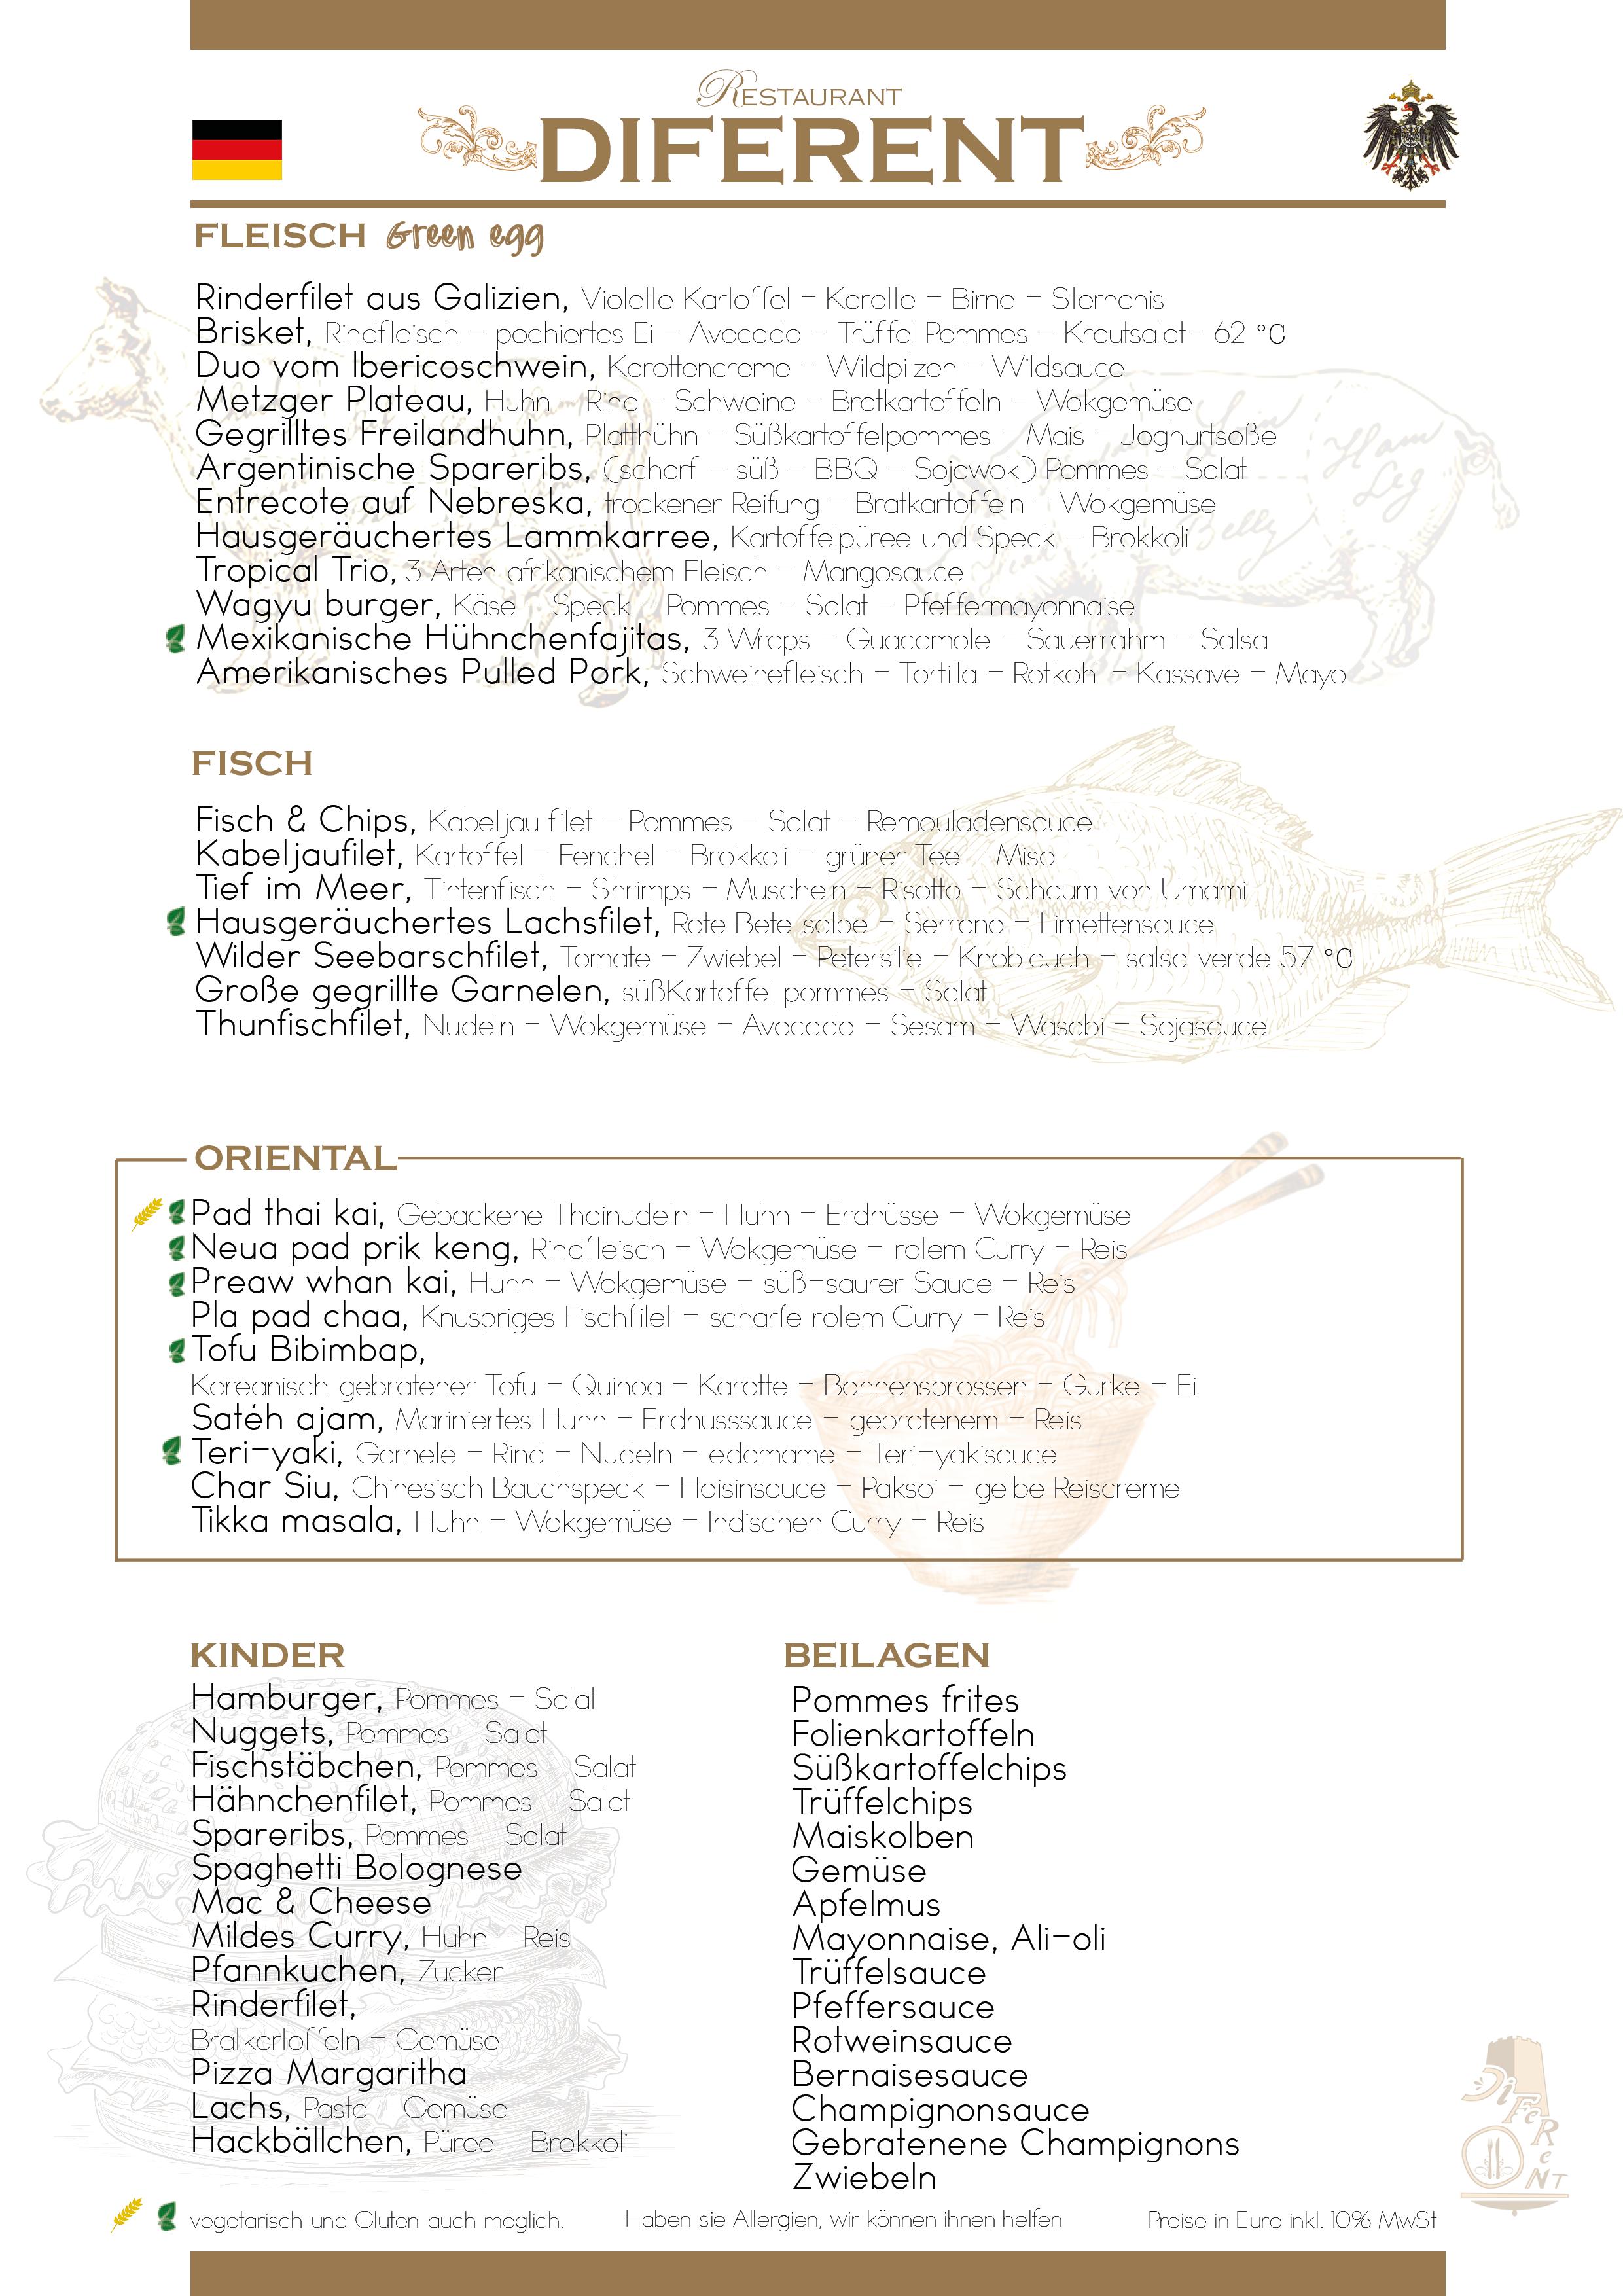 diferent_menu_DU_20182